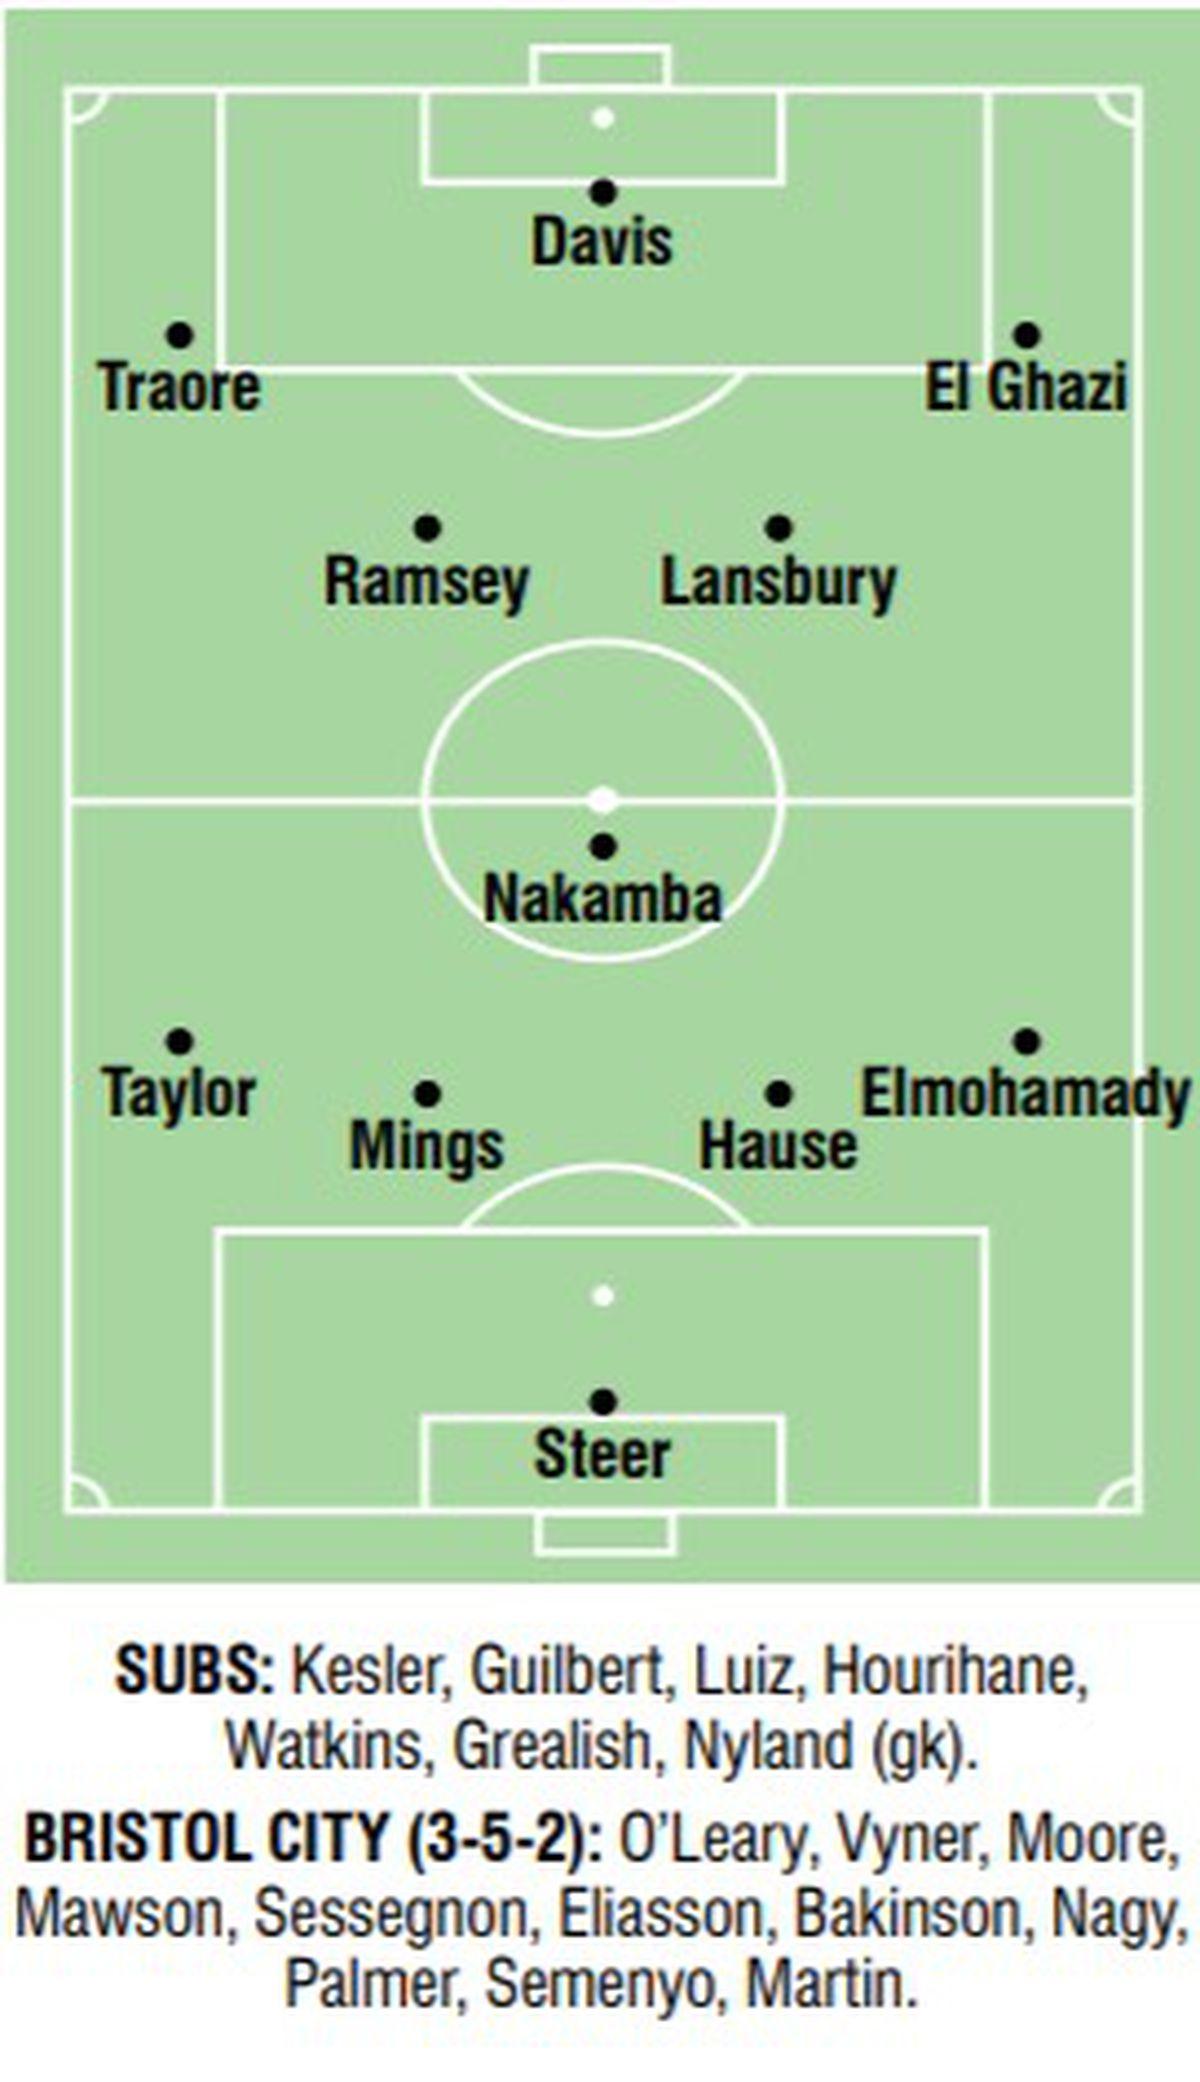 Predicted teams